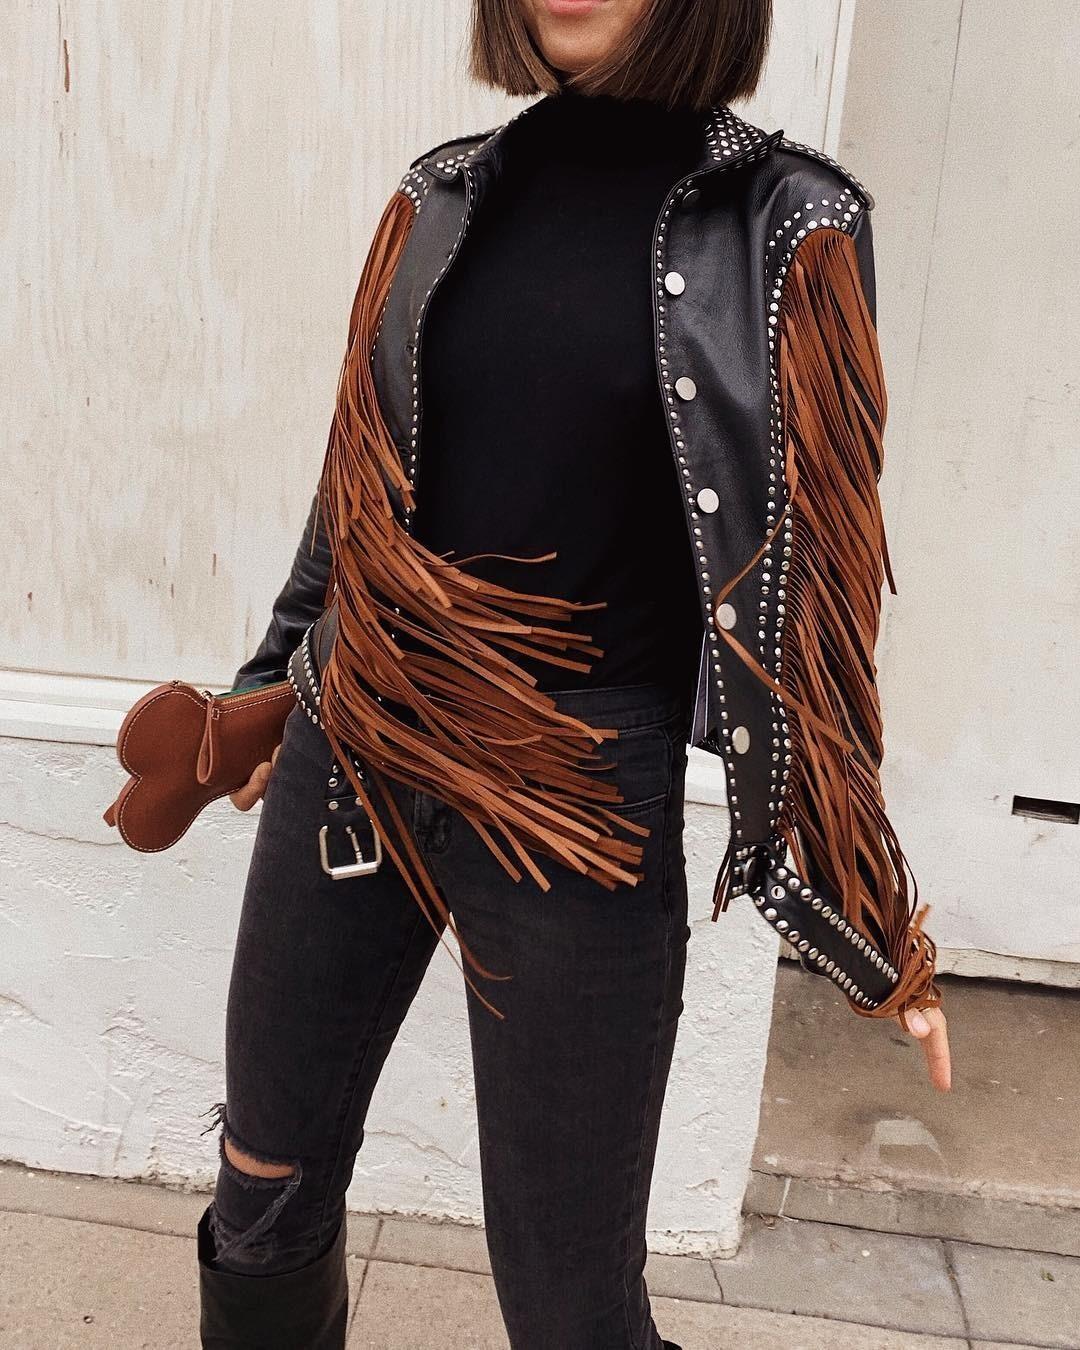 Игра на контрастах стилей в одежде все больше набирает свою популярность. Известный модный блогер Эми Сонг как раз выбрала для себя такую неоднозначную модель черной «косухи».  На одной ч...